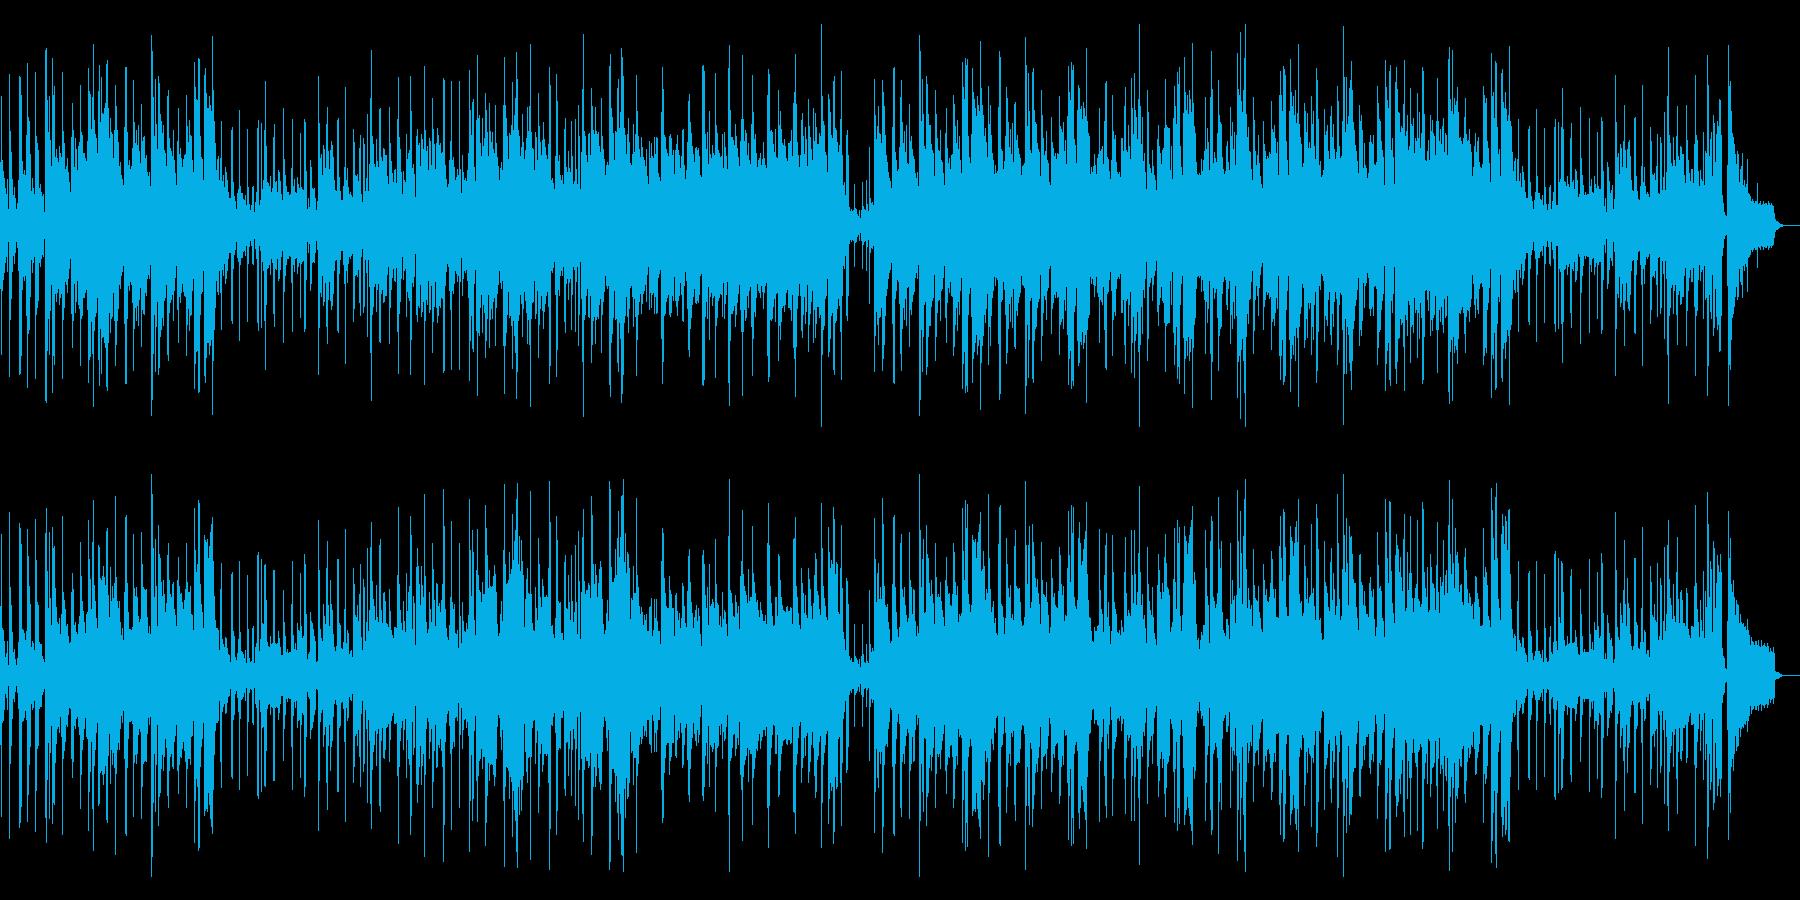 企業VPや映像にJAZZピアノレトロ風の再生済みの波形